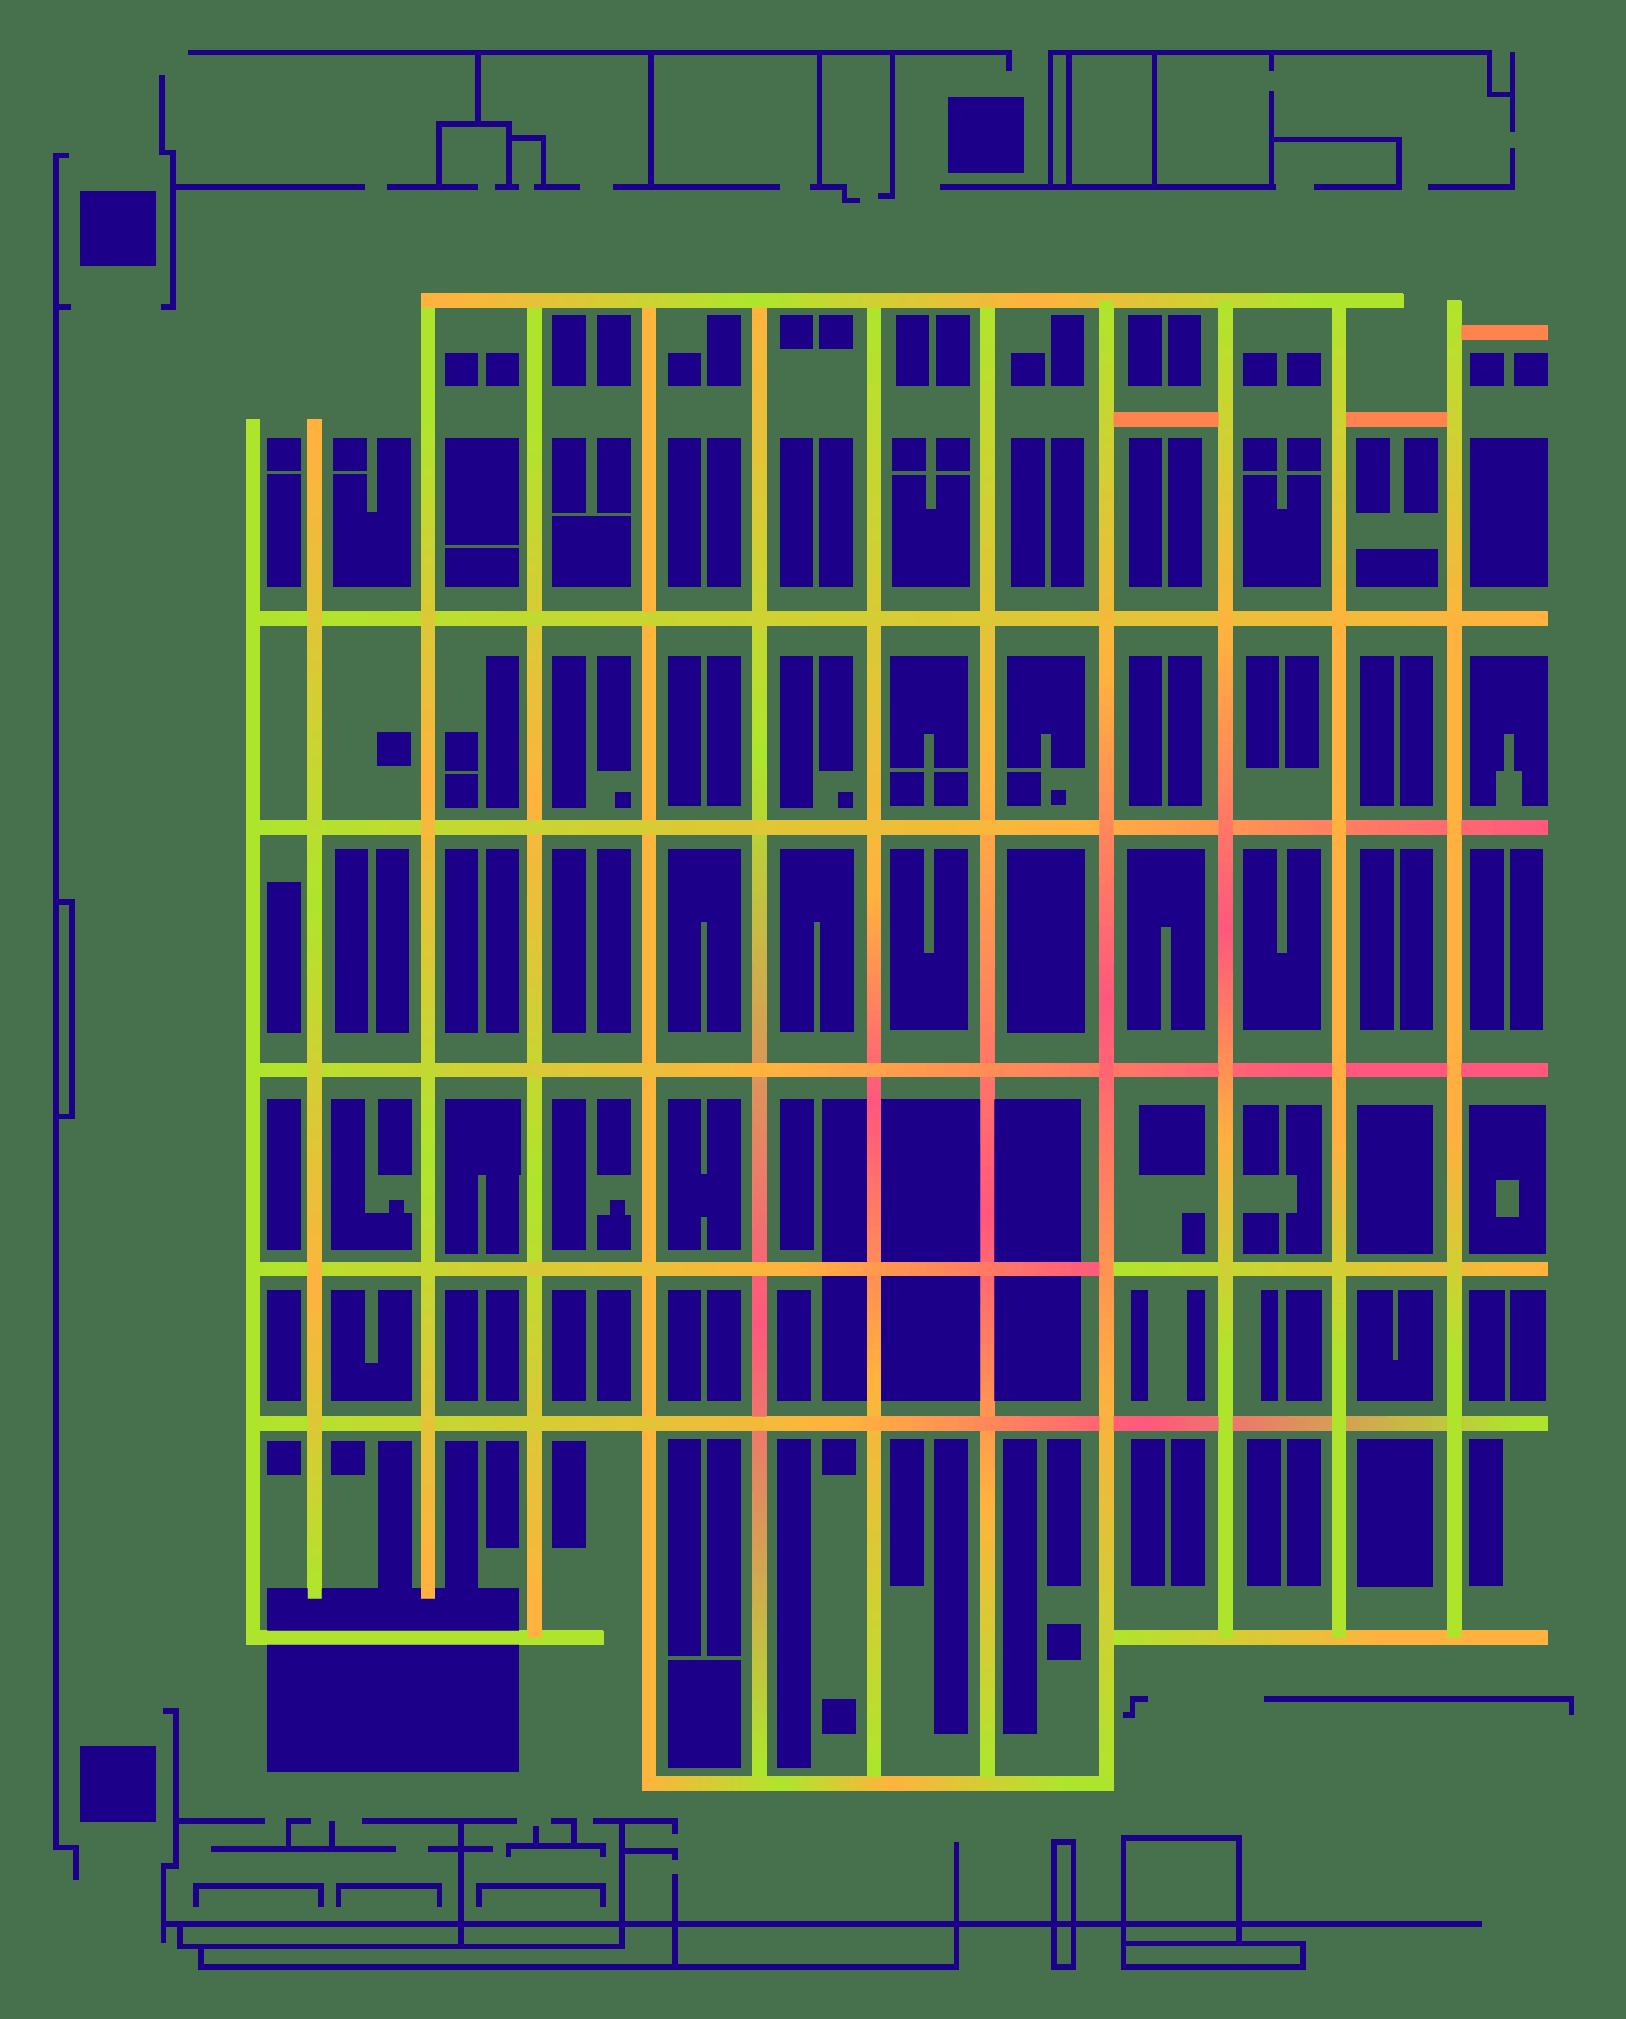 Floor plan with smart heatmap